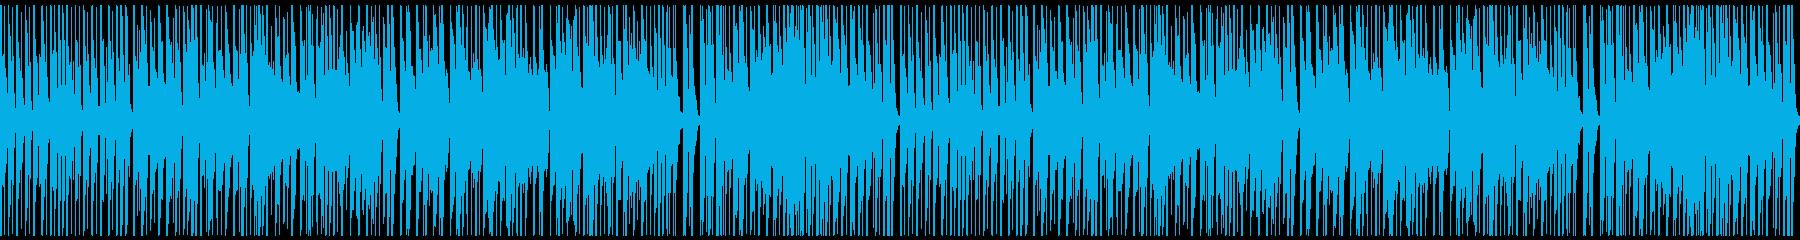 和風・街道を陽気に行く江戸っ子風BGMの再生済みの波形